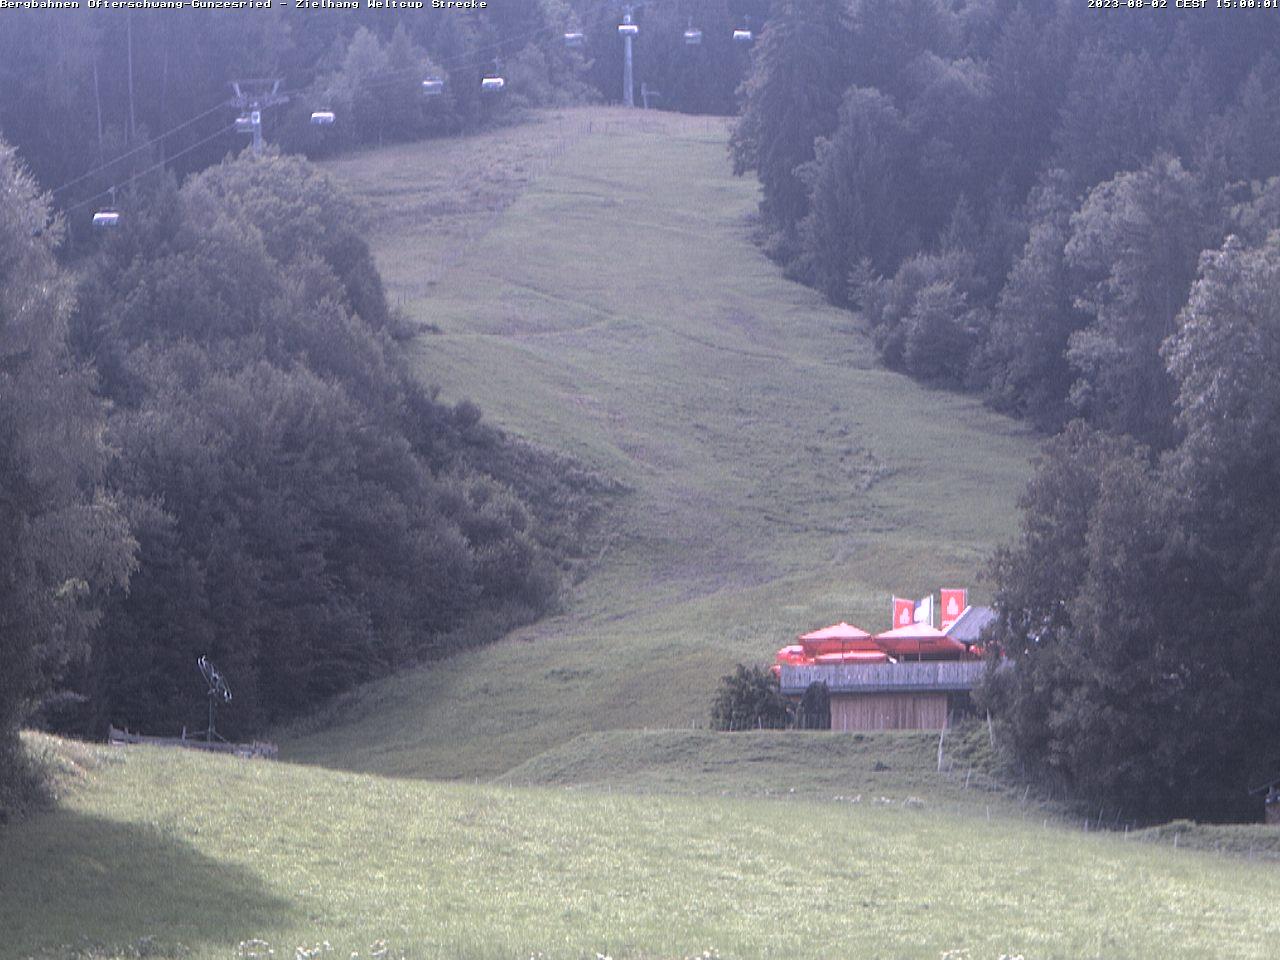 Webcam: Zielhang